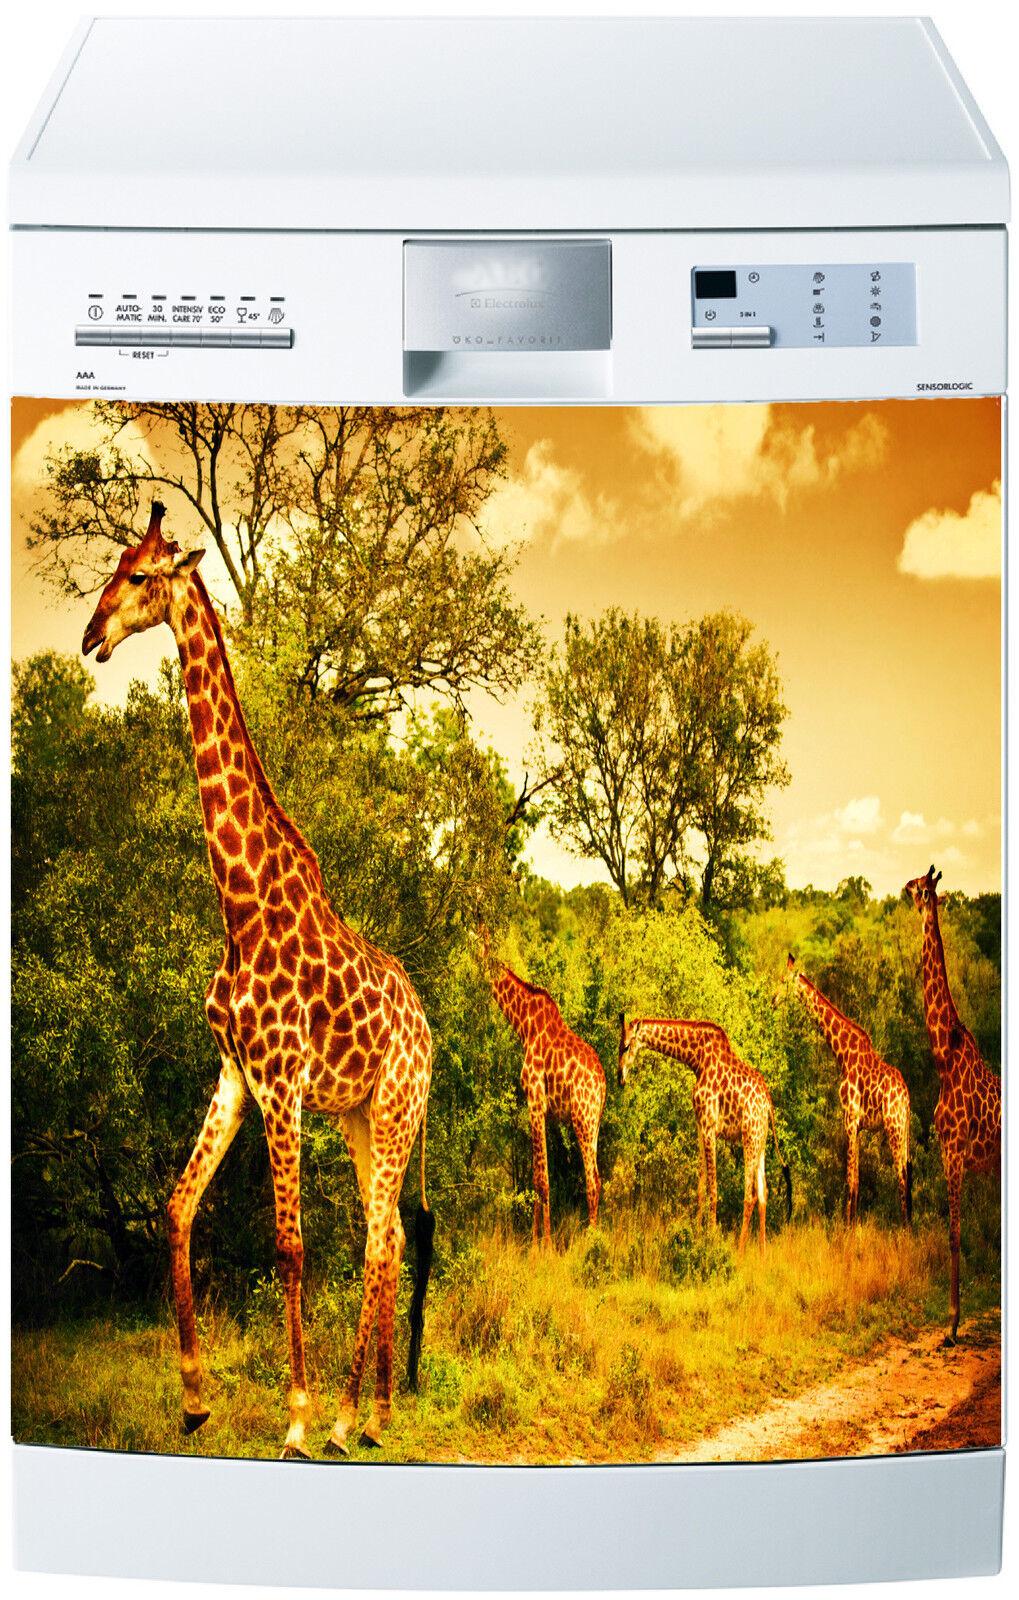 Adesivo lavastoviglie decocrazione cucina elettrodomestici Giraffa ref ref ref 647 6299a6